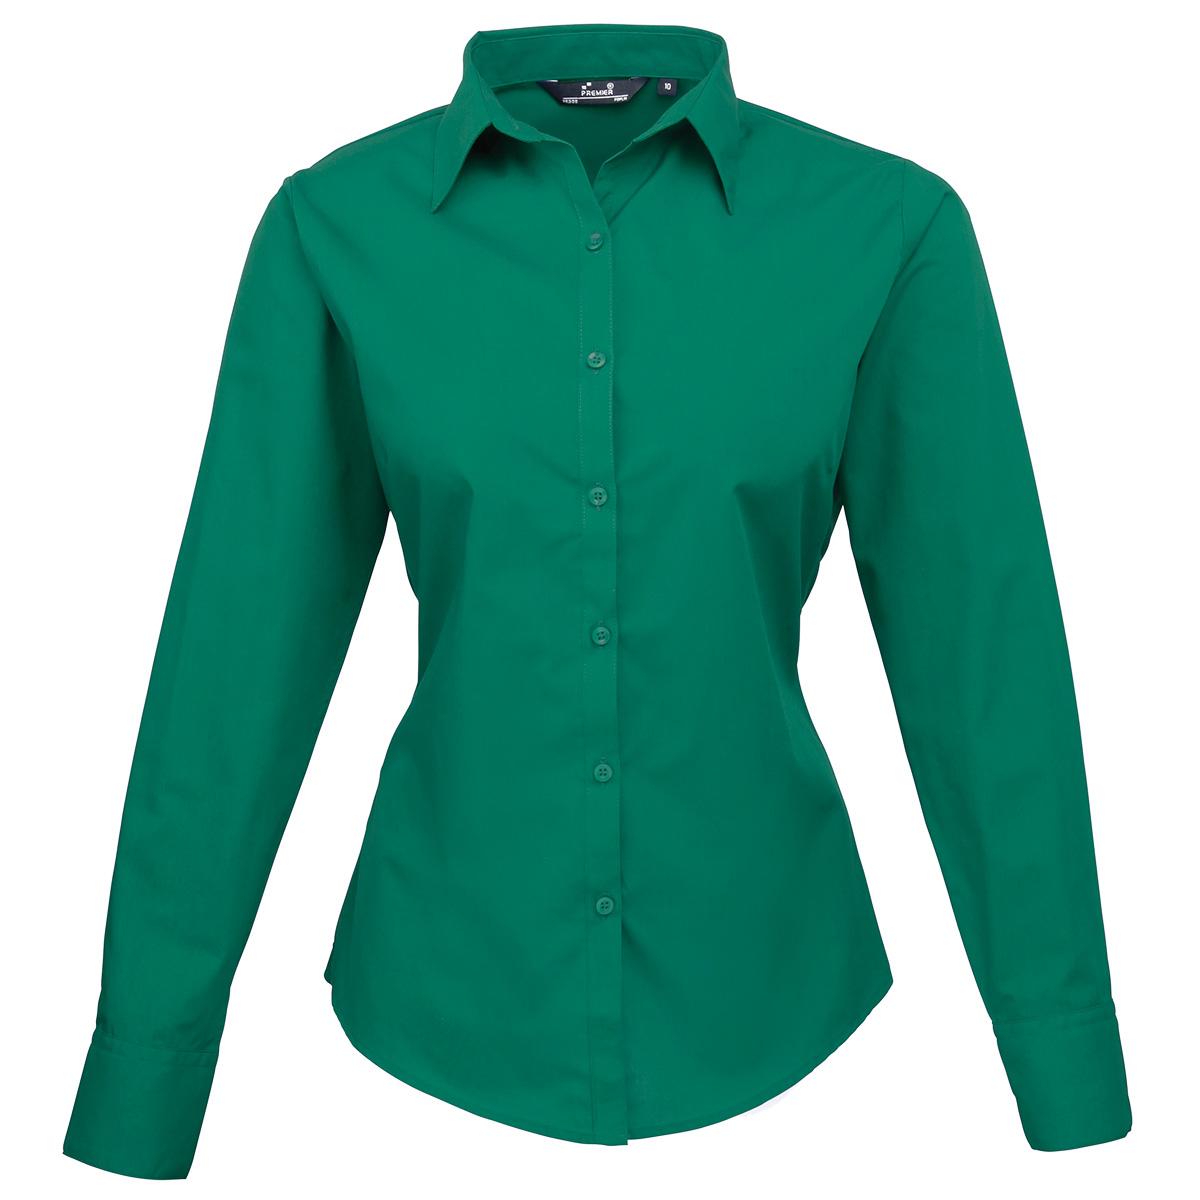 Womens Emerald Green Blouse 71